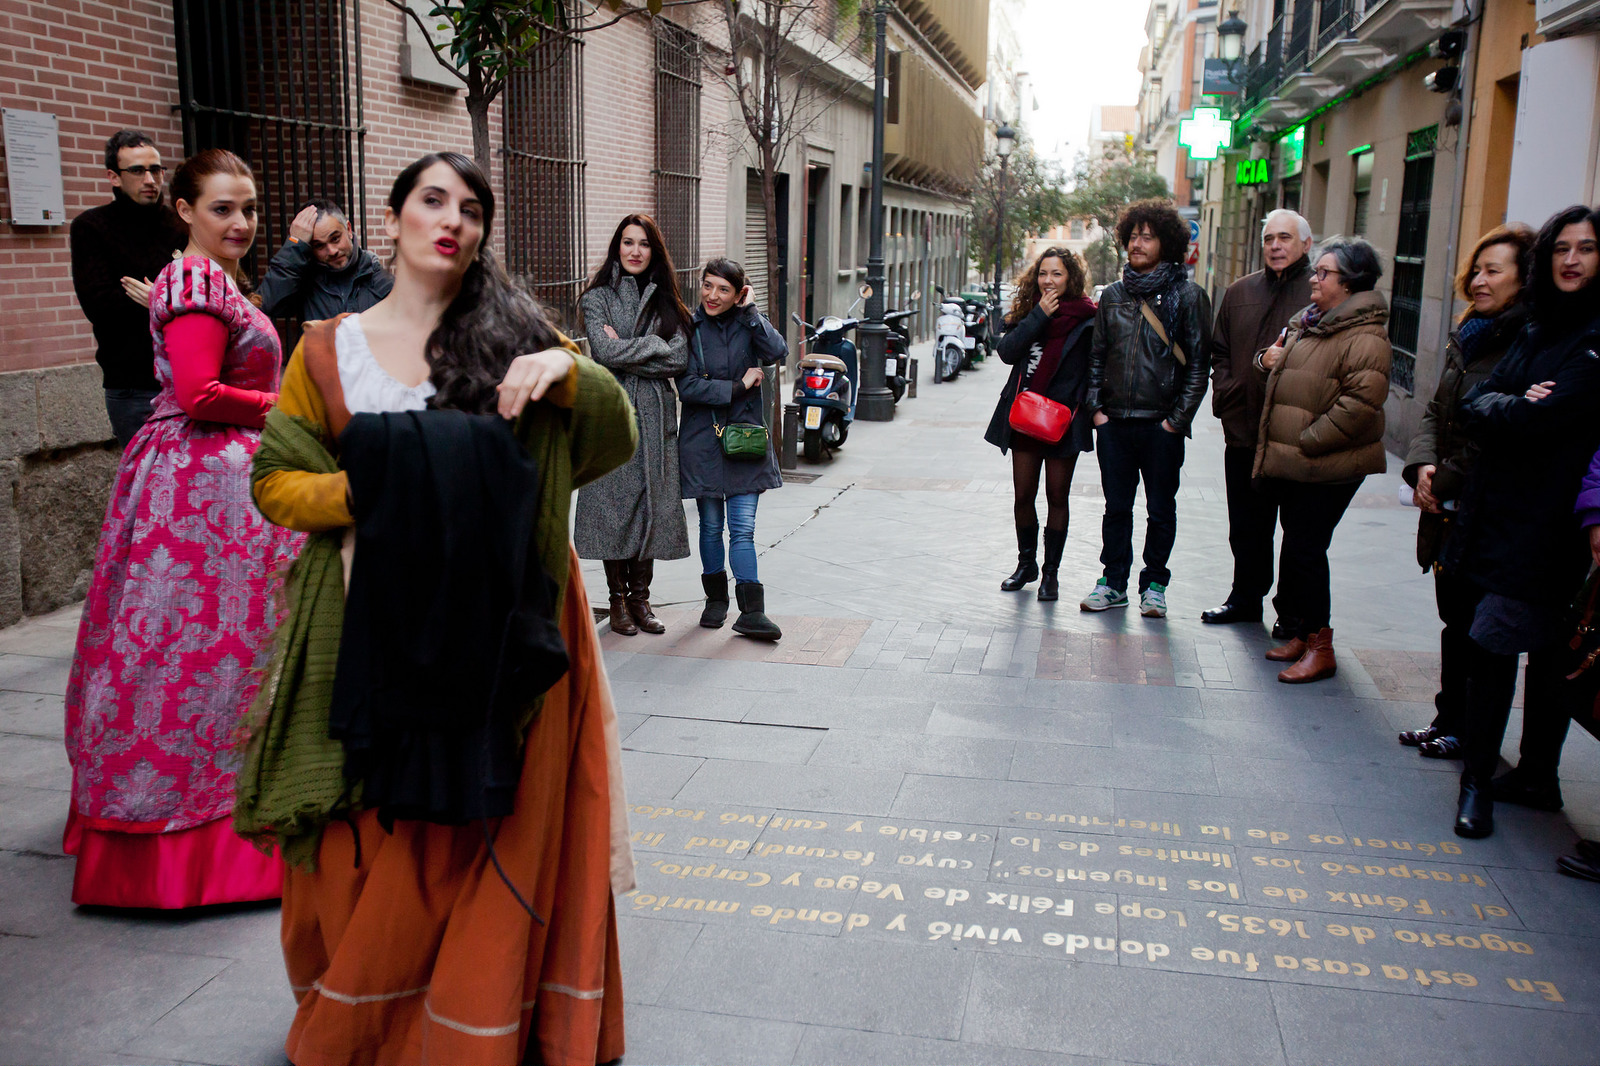 Les Ecrivains Espagnols Celebres A Connaitre Shmadrid